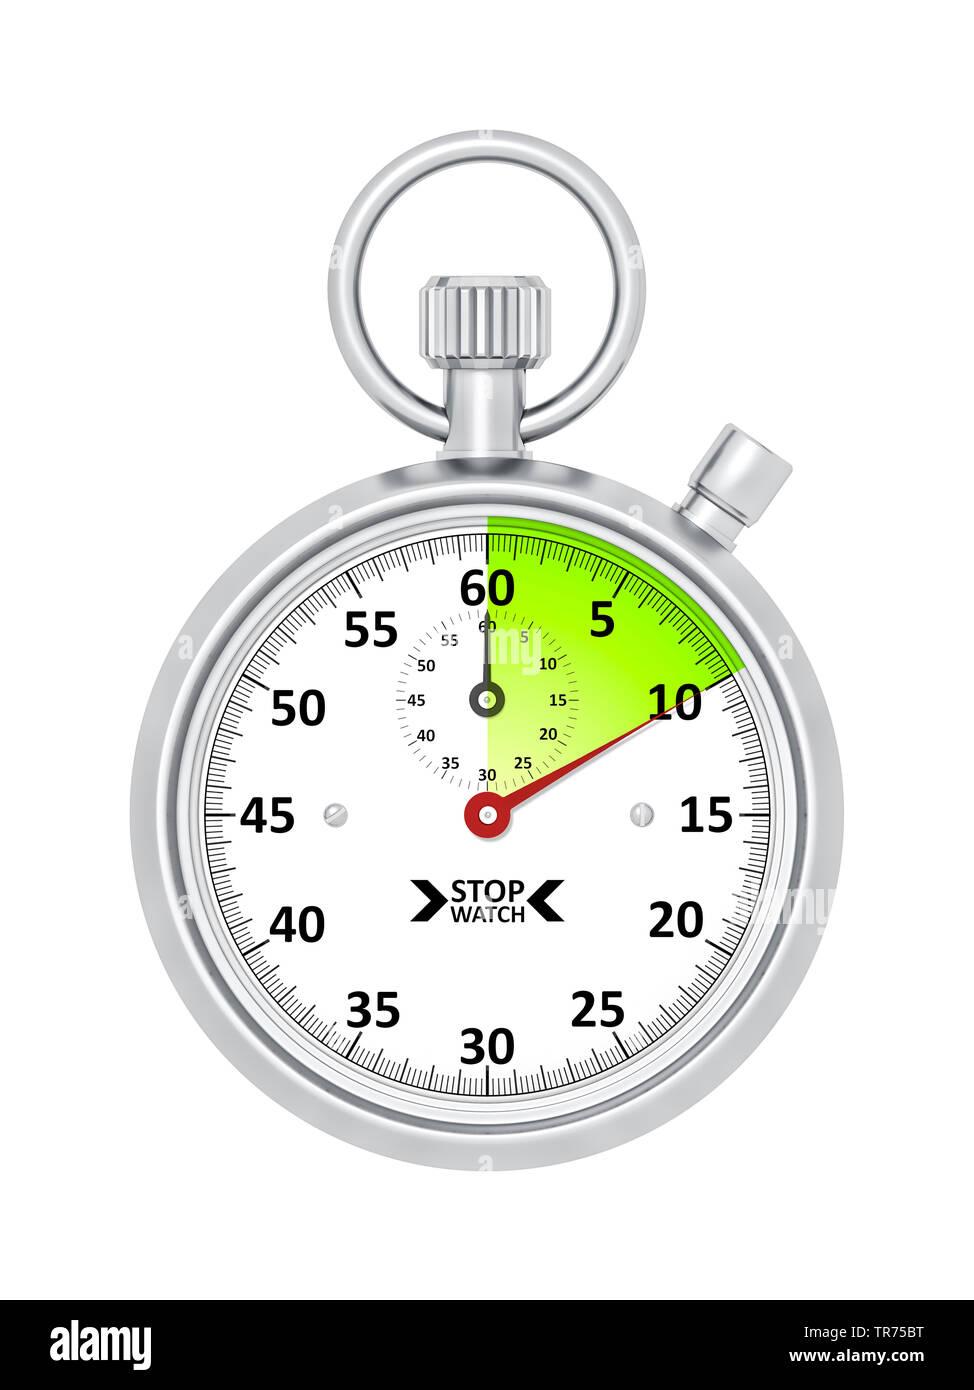 silberne Stoppuhr vor weissem Hintergrund, die etwa 10 Sekunden anzeigt | silver stopclock, cutout, 10 seconds  | BLWS498278.jpg [ (c) blickwinkel/McP - Stock Image